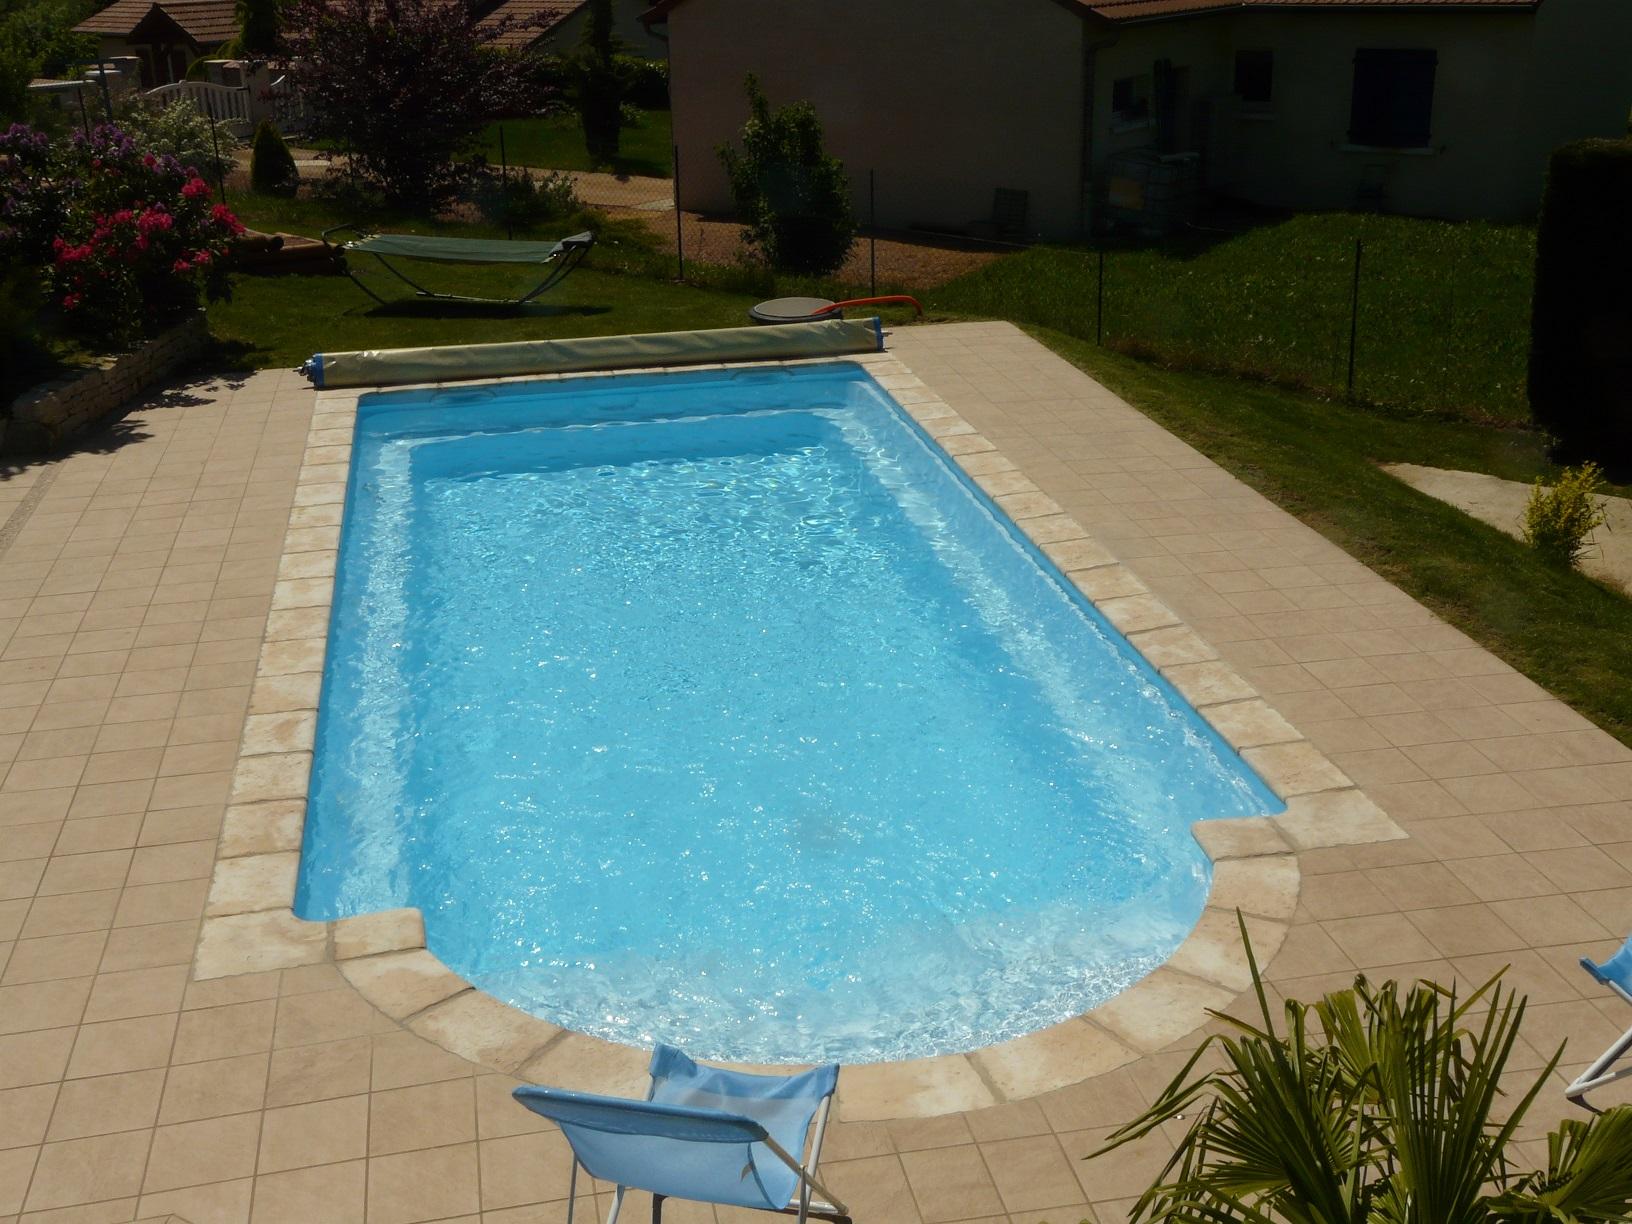 Construction de piscine pisciniste louviers evreux 27 for Construction de piscine